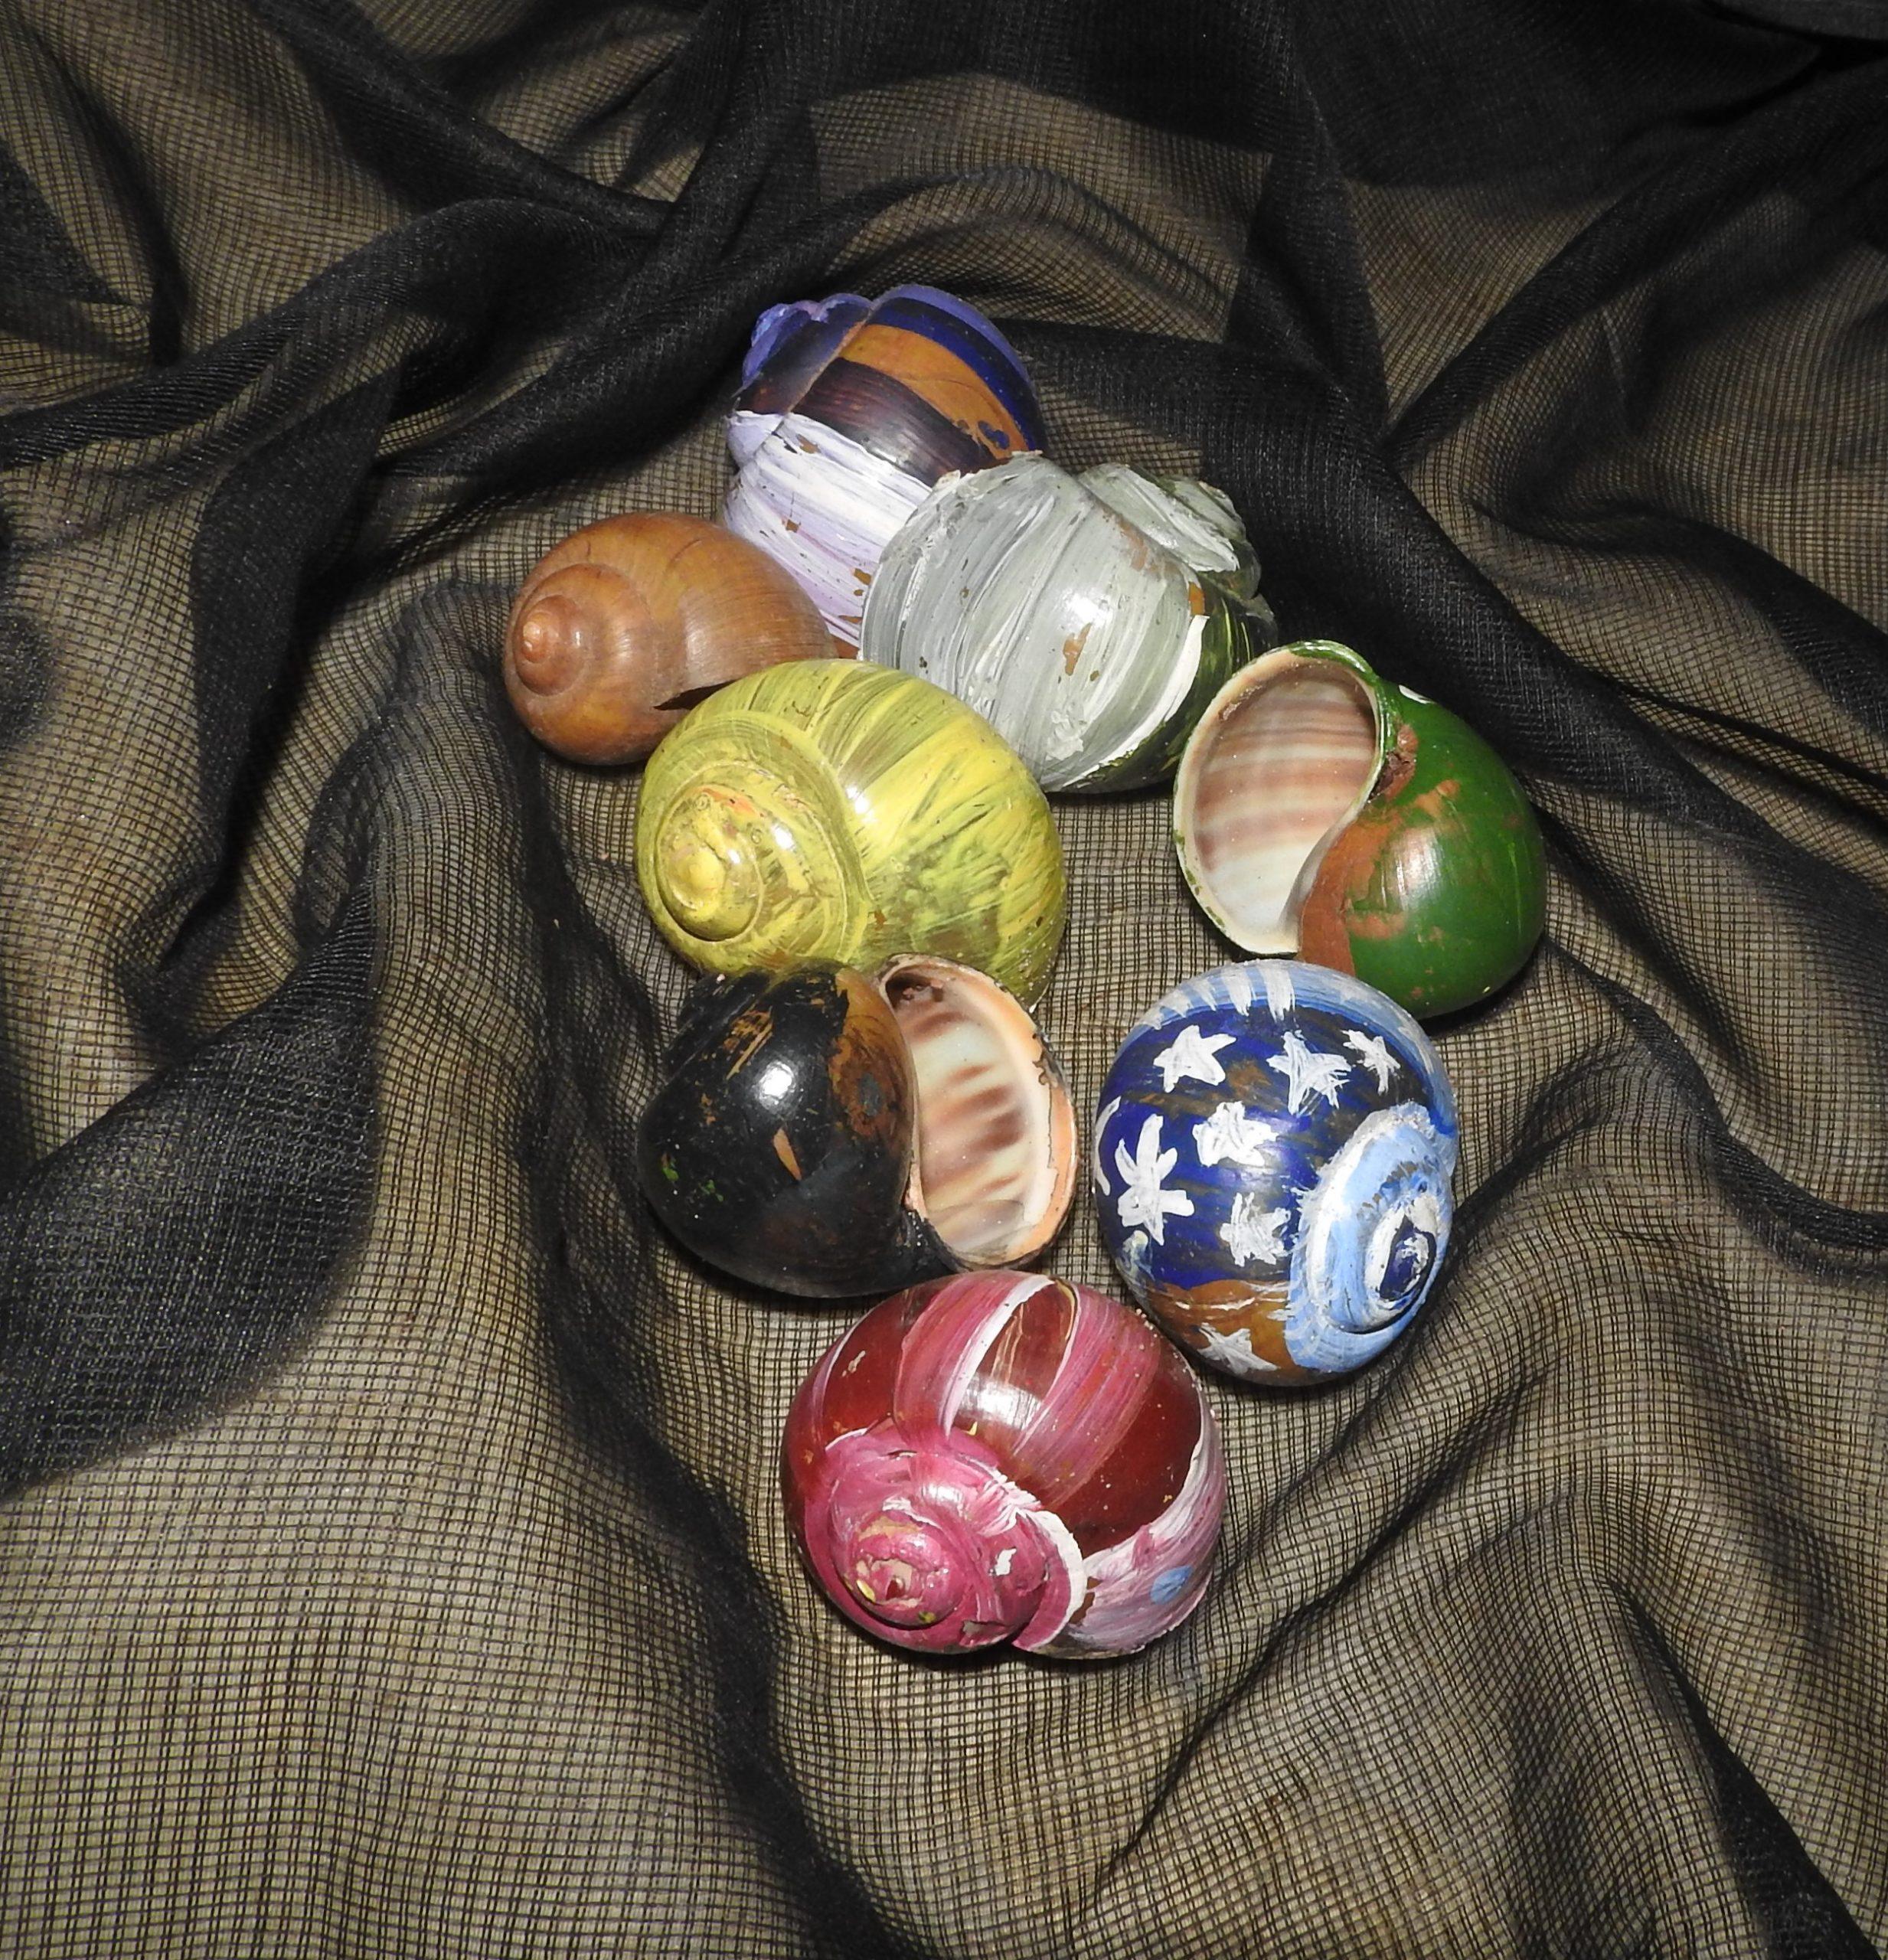 Painted Seashells on bed